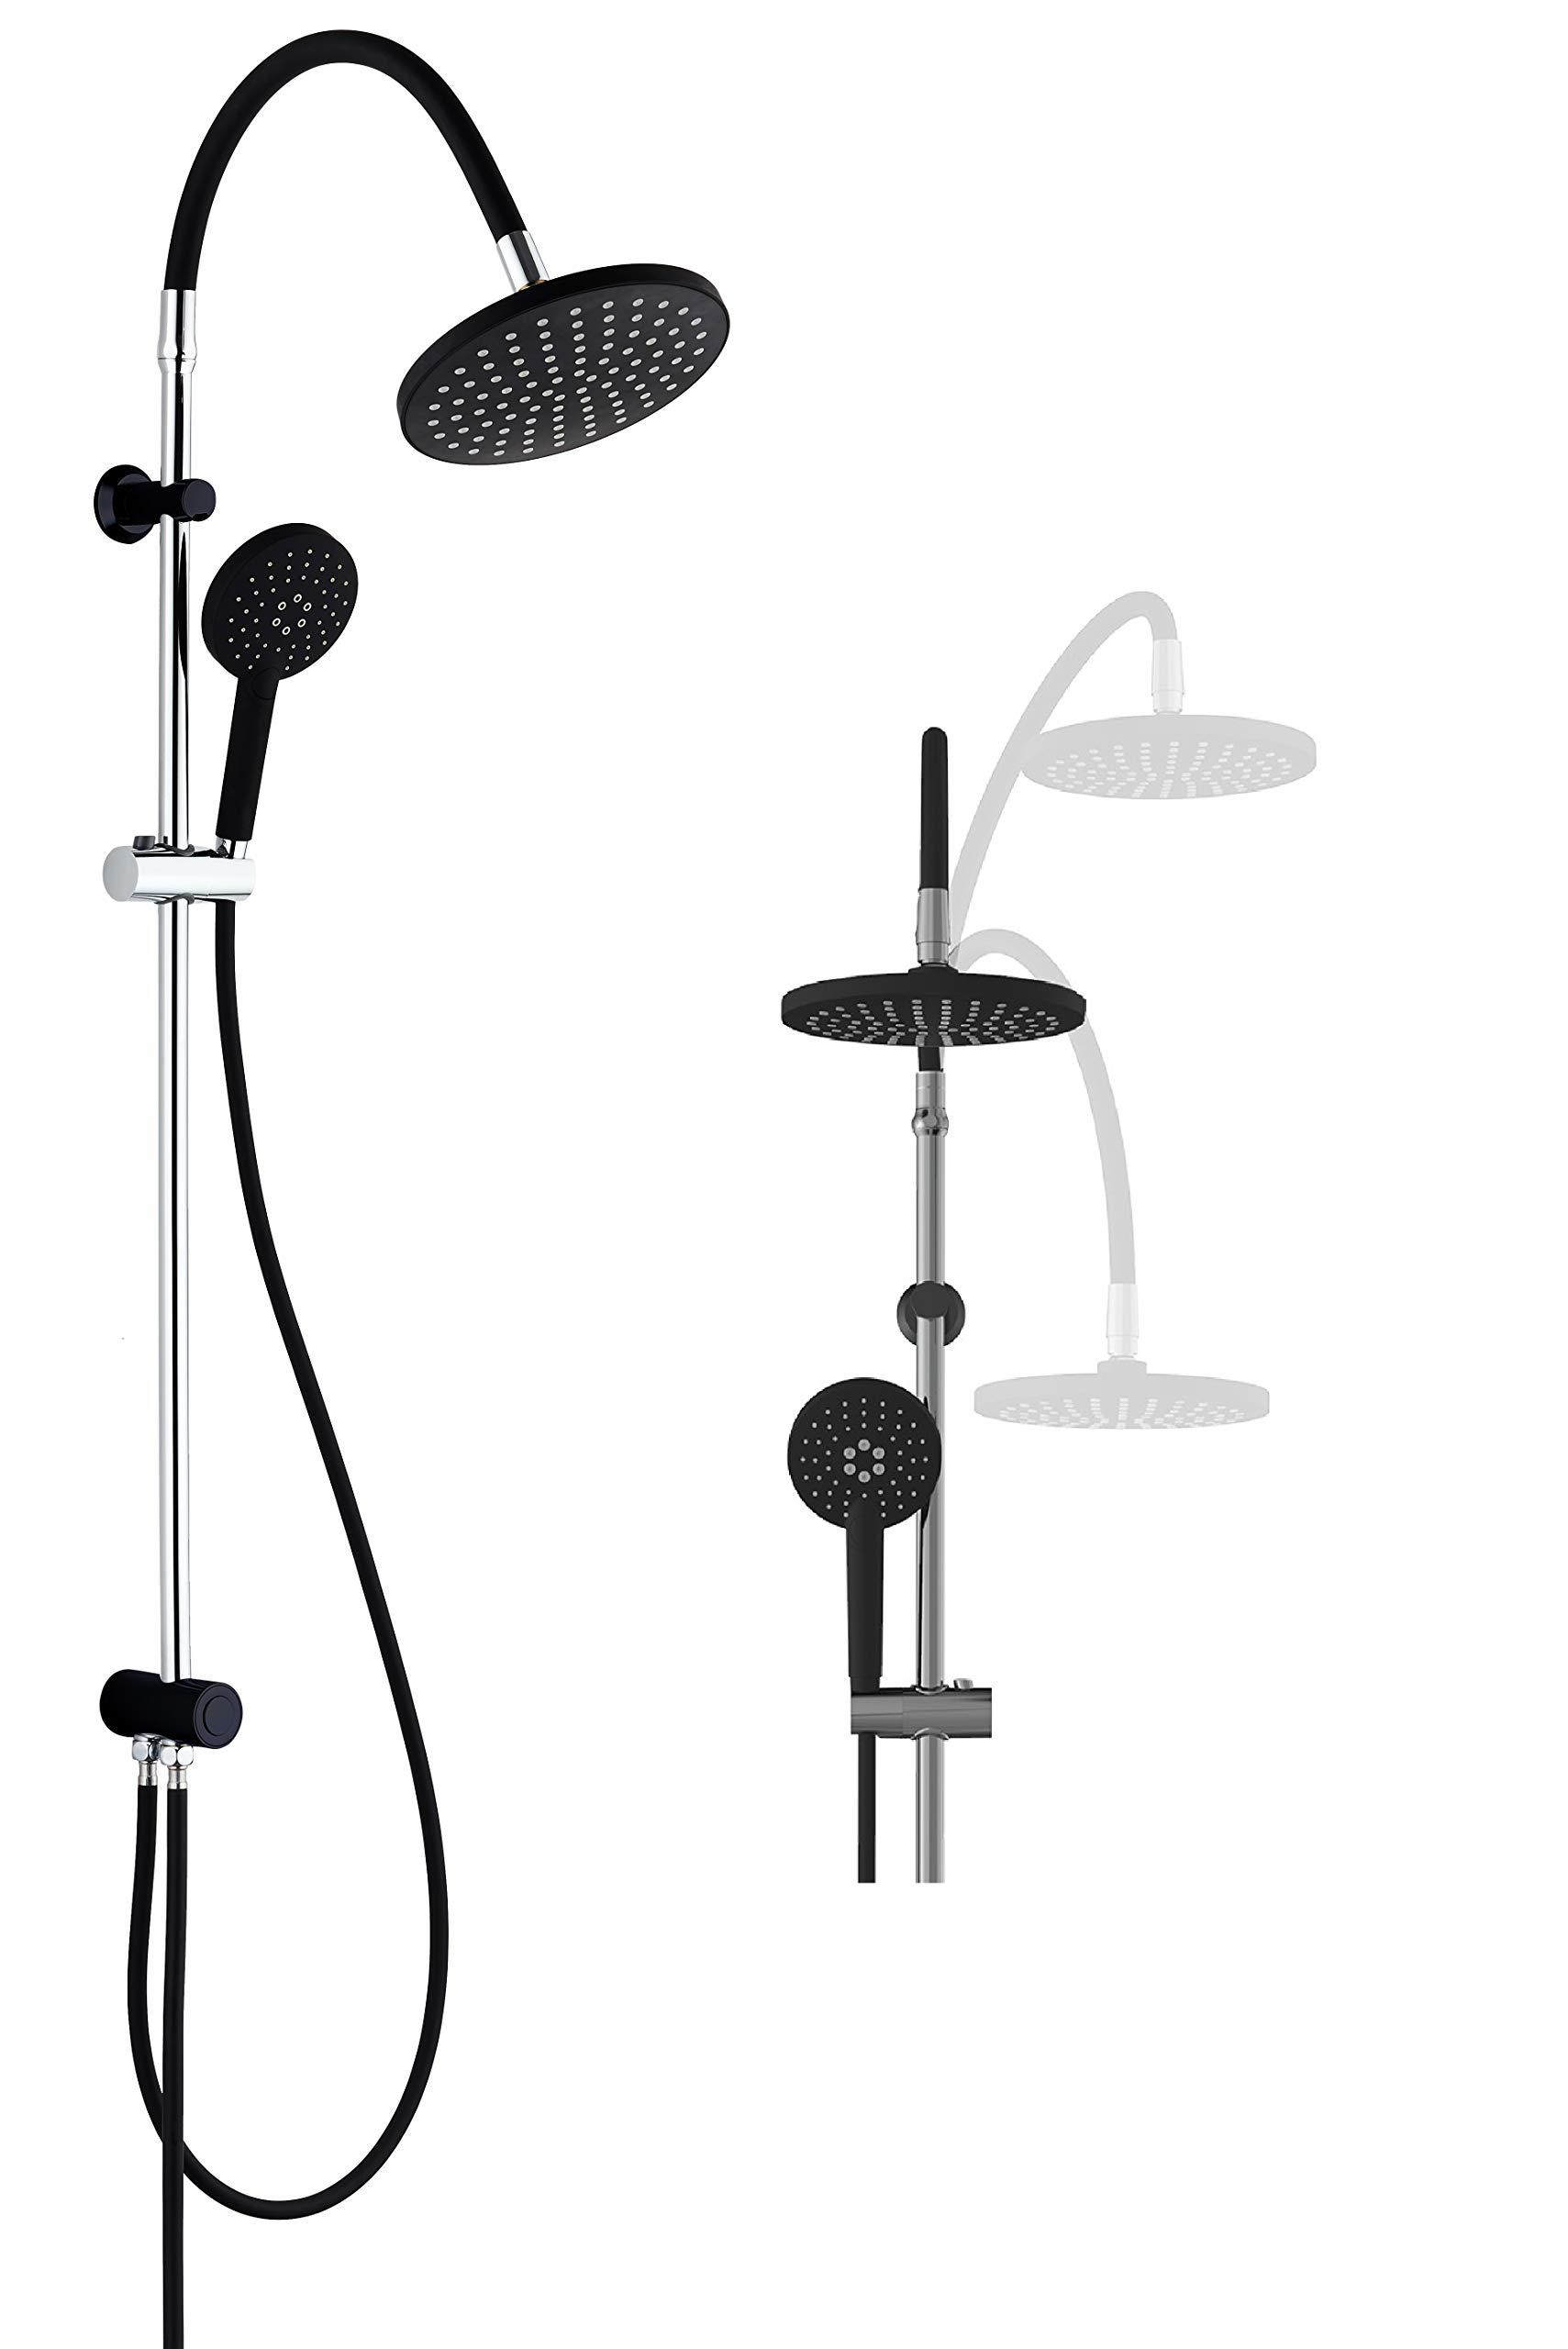 SCHÜTTE 60626 MATAO RAIN - Juego de ducha (columna de ducha 2 en 1 ...